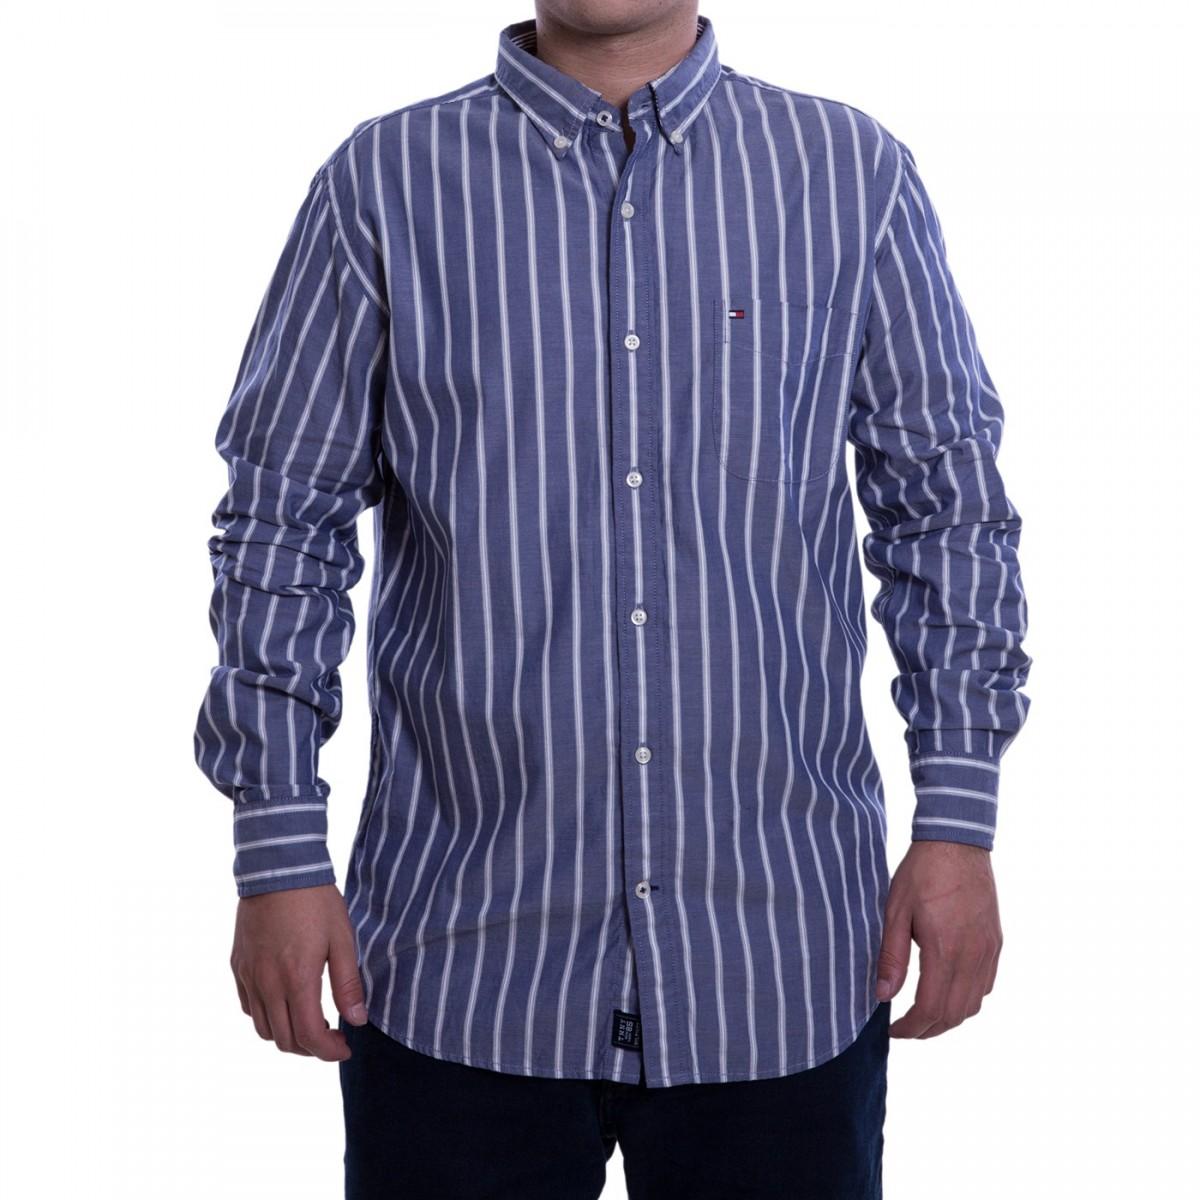 ec480d6e0 Bizz Store - Camisa Social Masculina Tommy Hilfiger Listrada